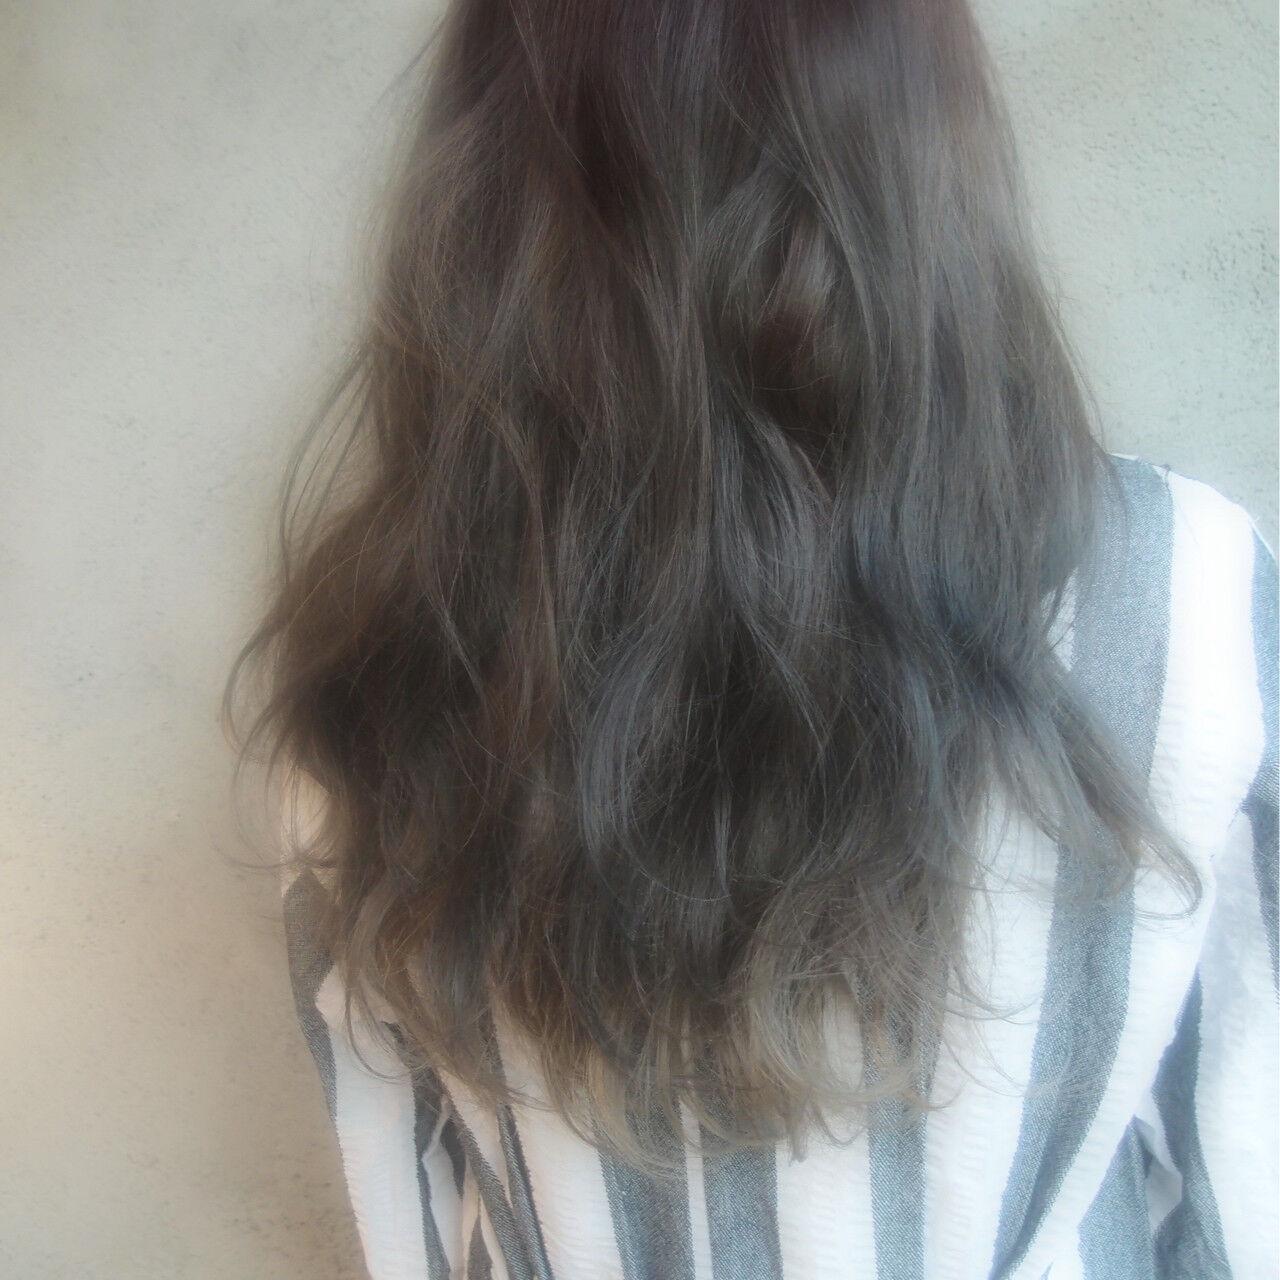 ハイライト 外国人風 ゆるふわ ダブルカラーヘアスタイルや髪型の写真・画像